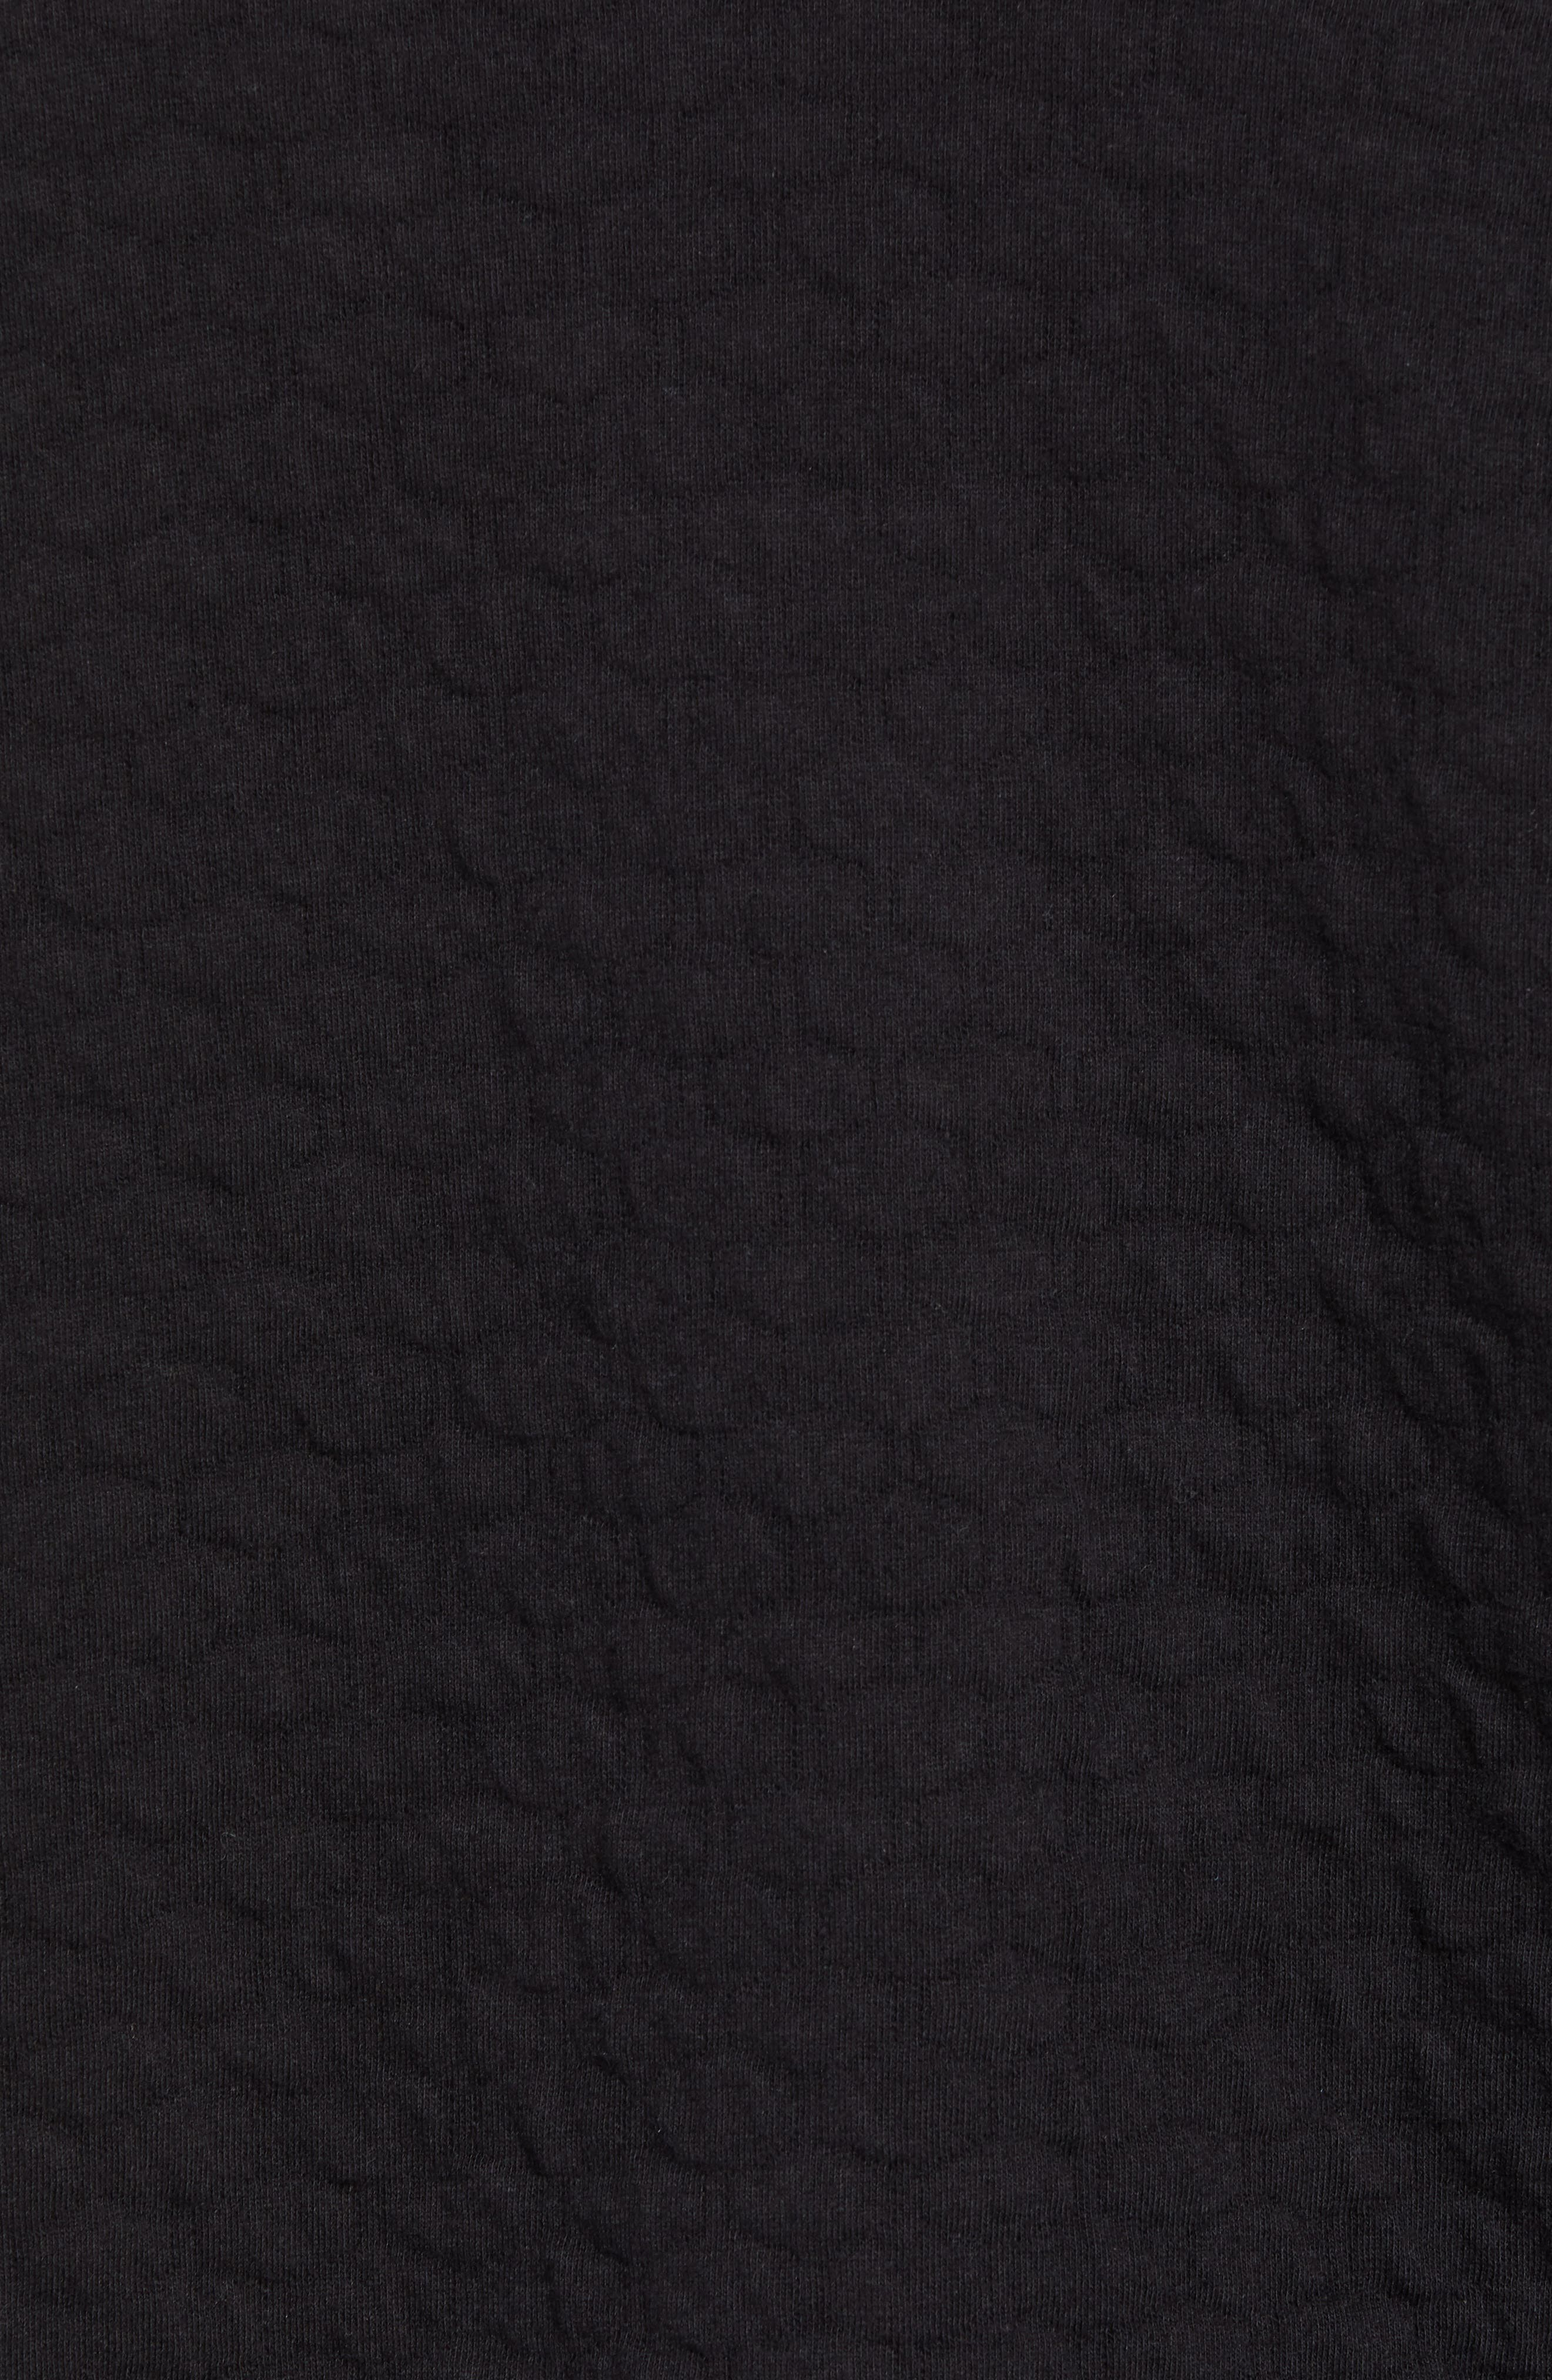 Quilt Trip Jacket,                             Alternate thumbnail 6, color,                             BLACK